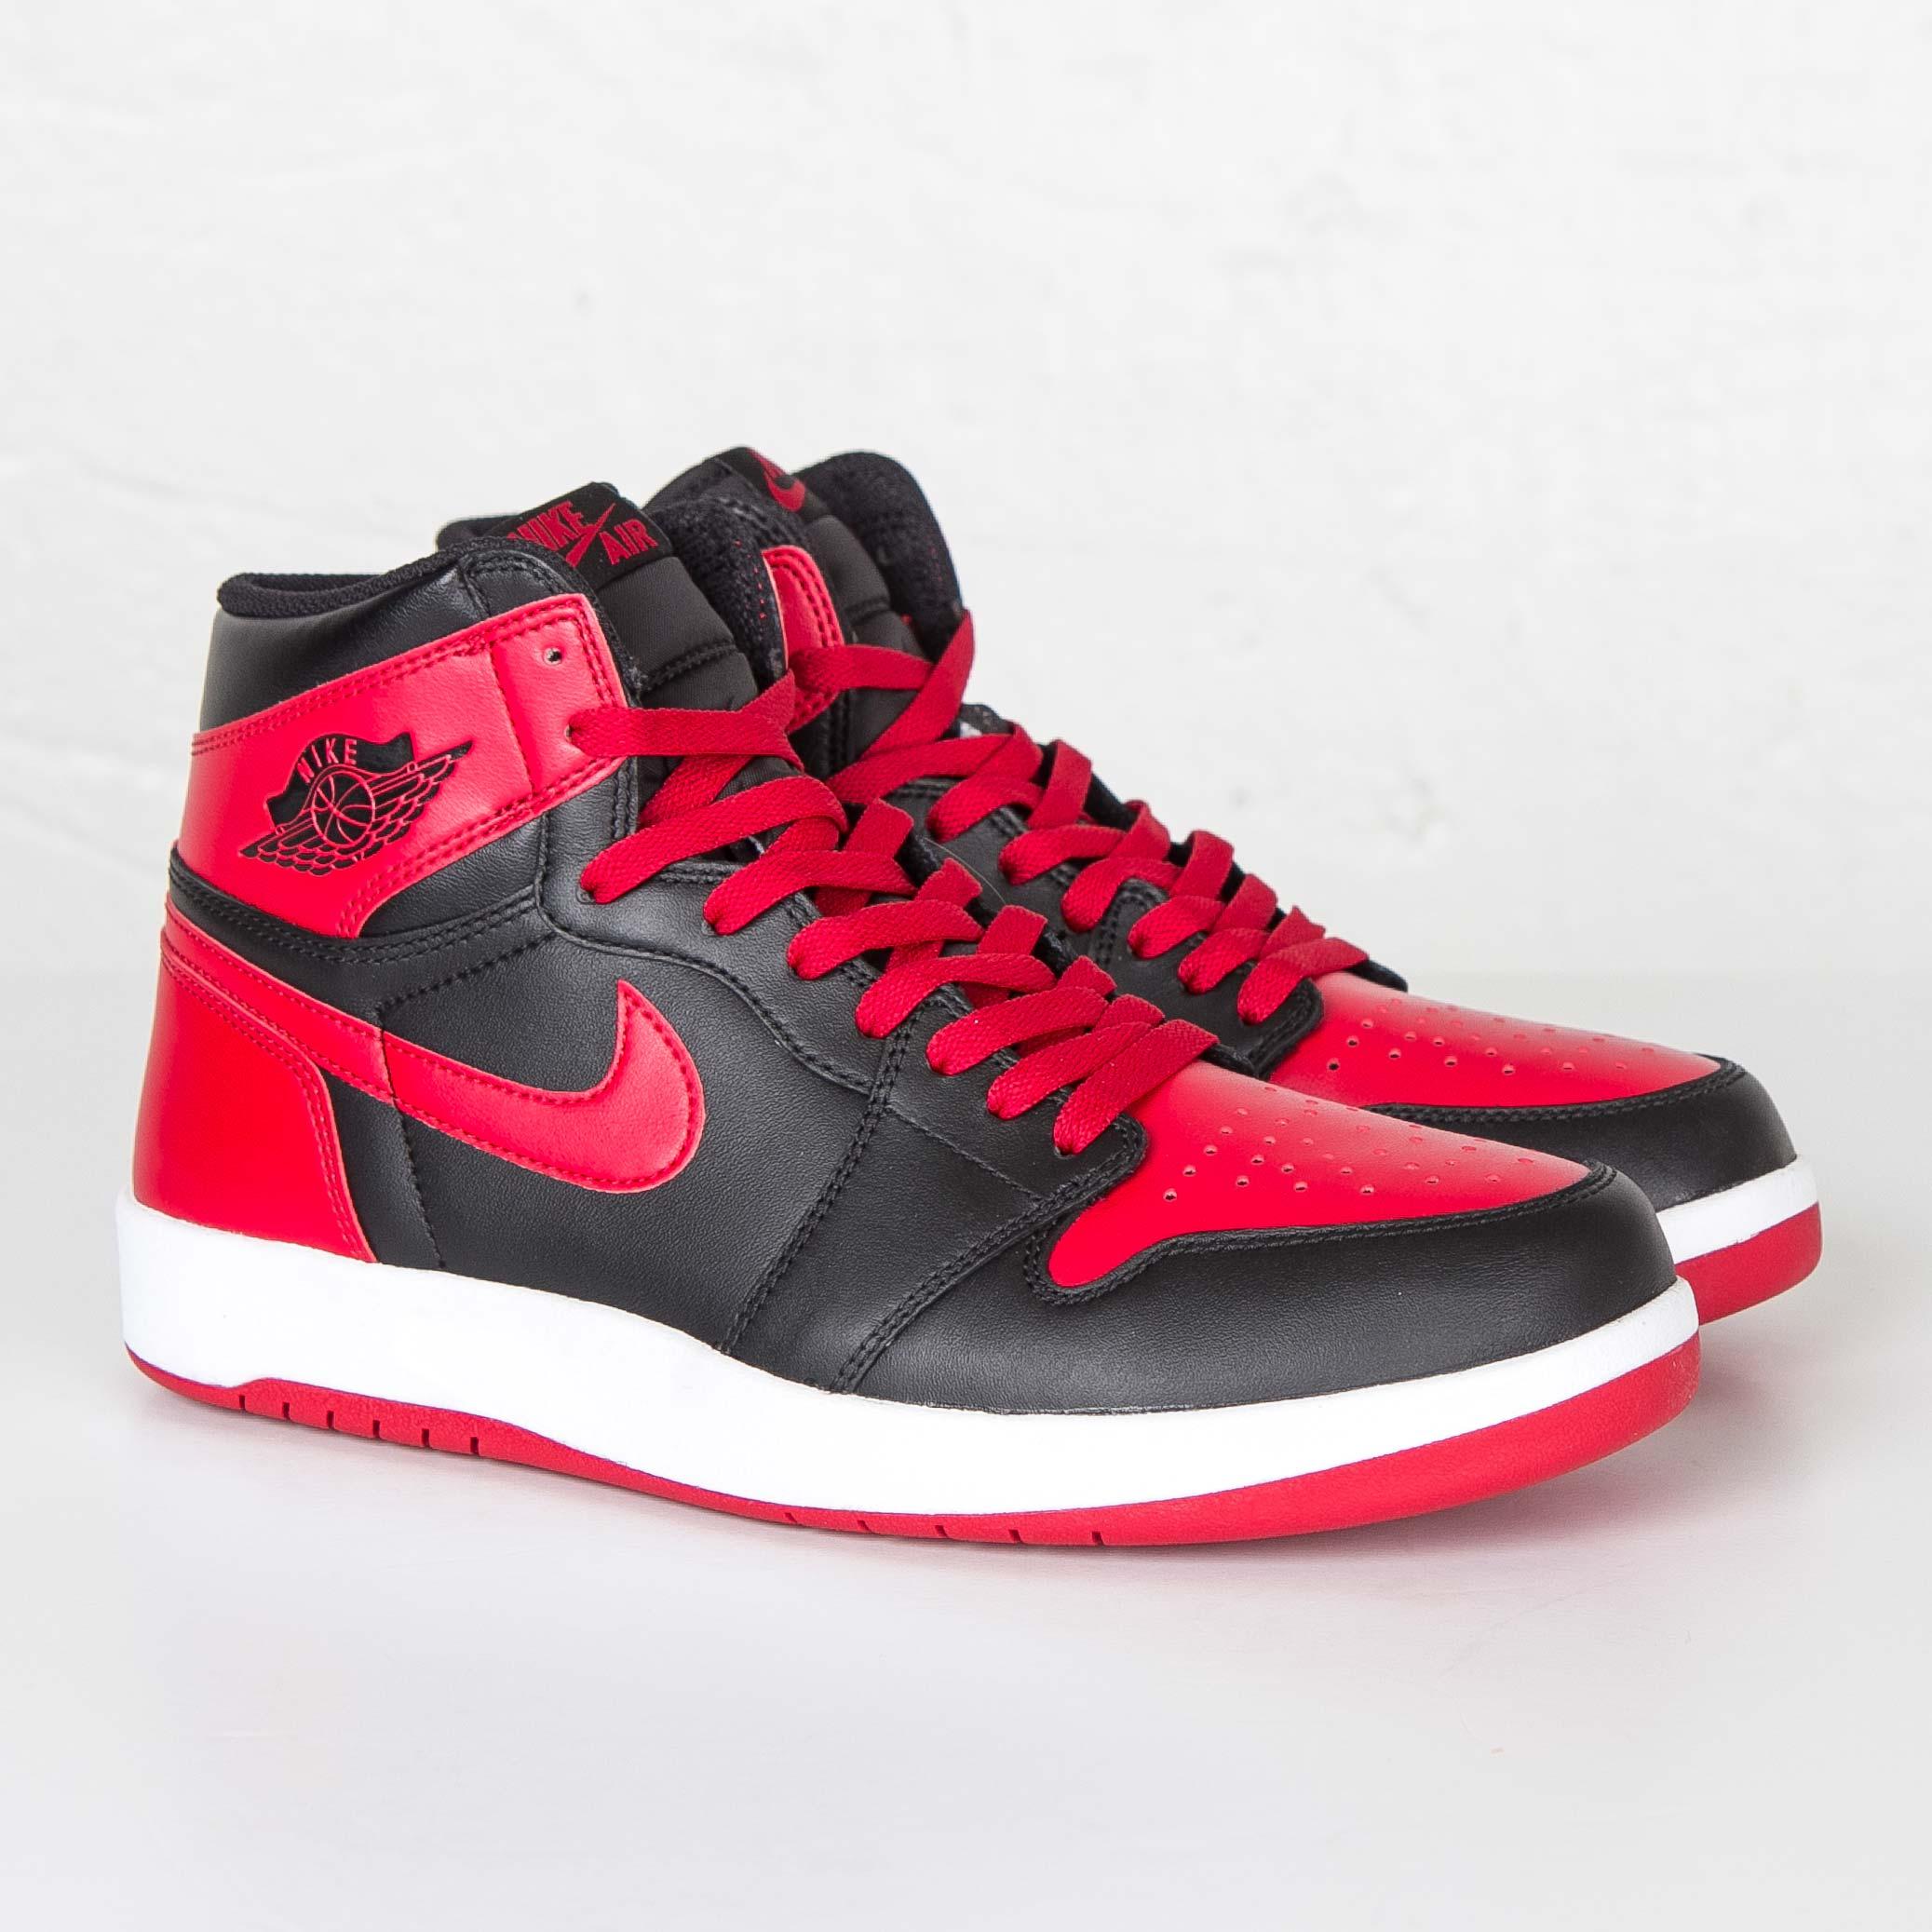 dada43c6c6034c Jordan Brand Air Jordan 1.5 High The Return - 768861-001 ...